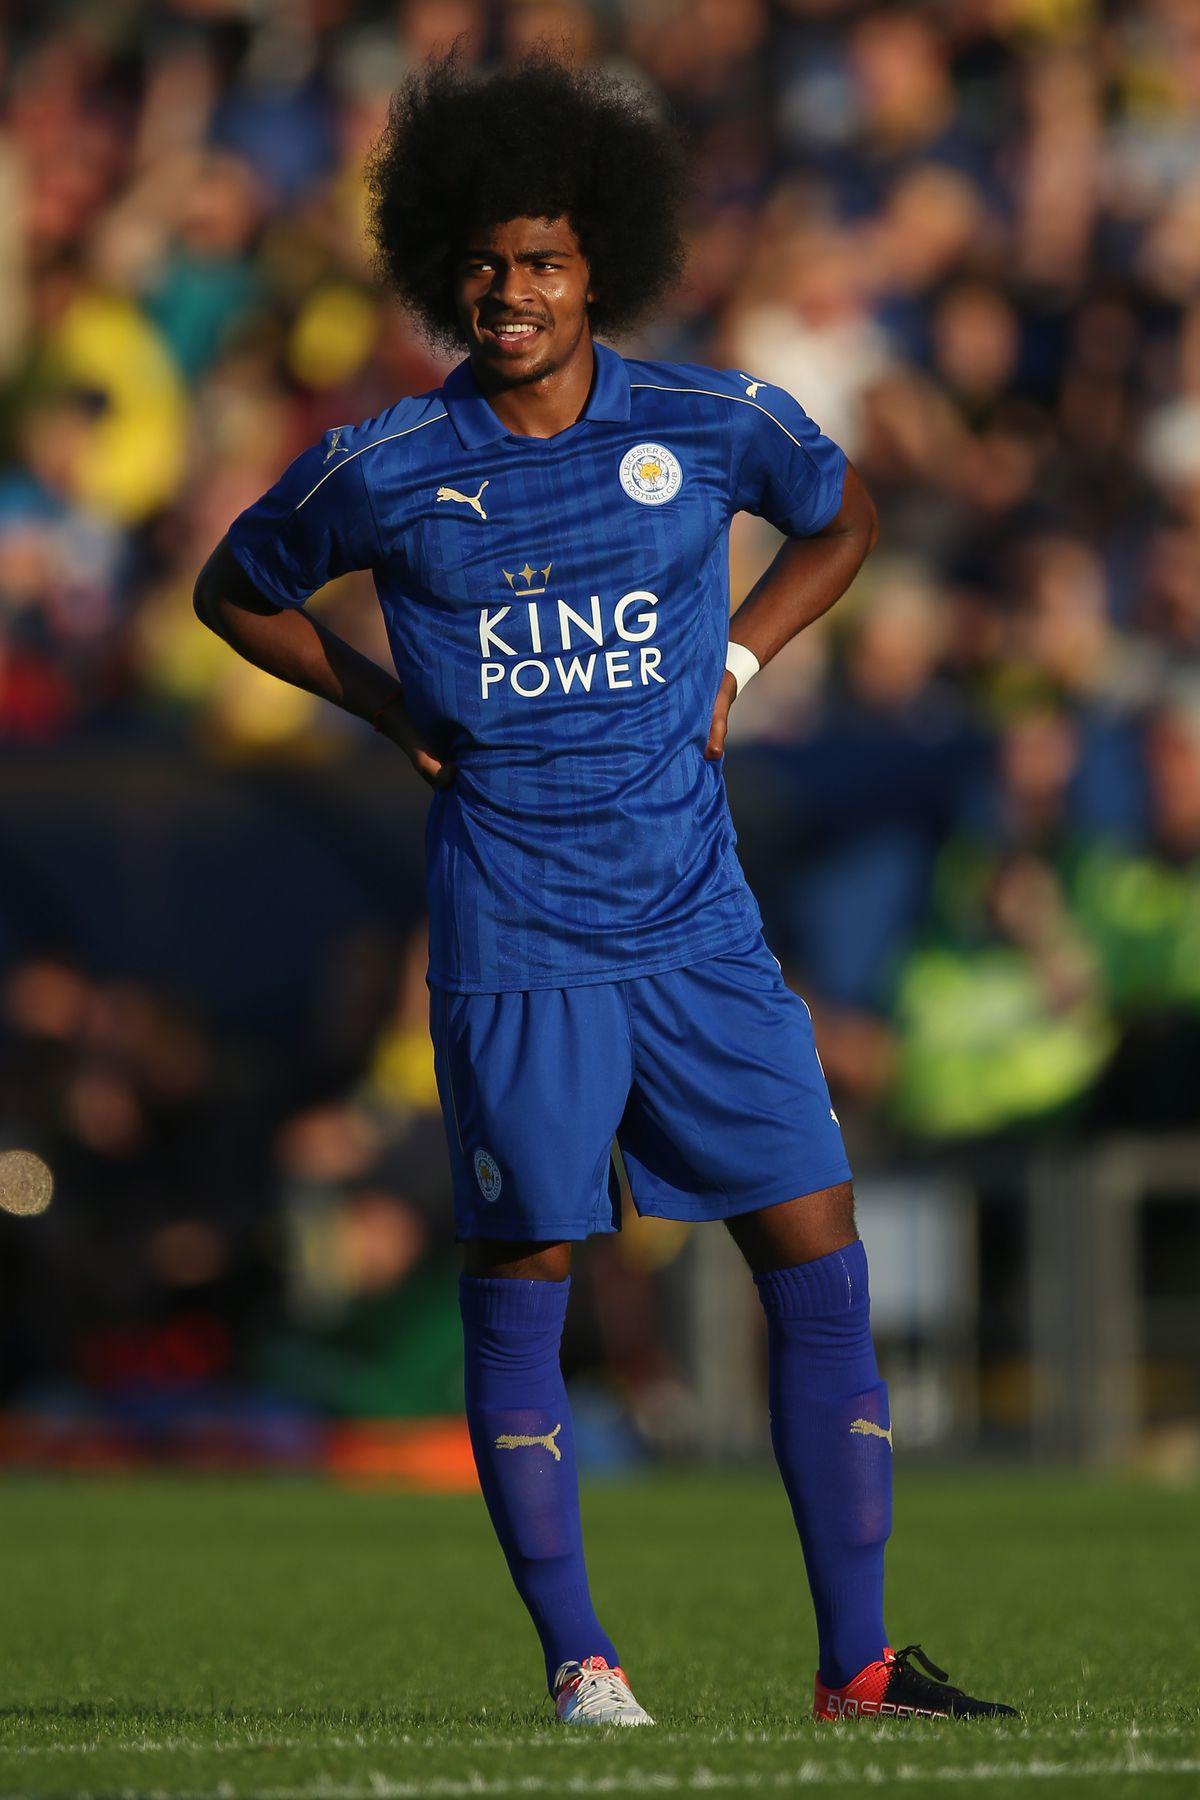 Oxford United v Leicester City - Pre-Season Friendly